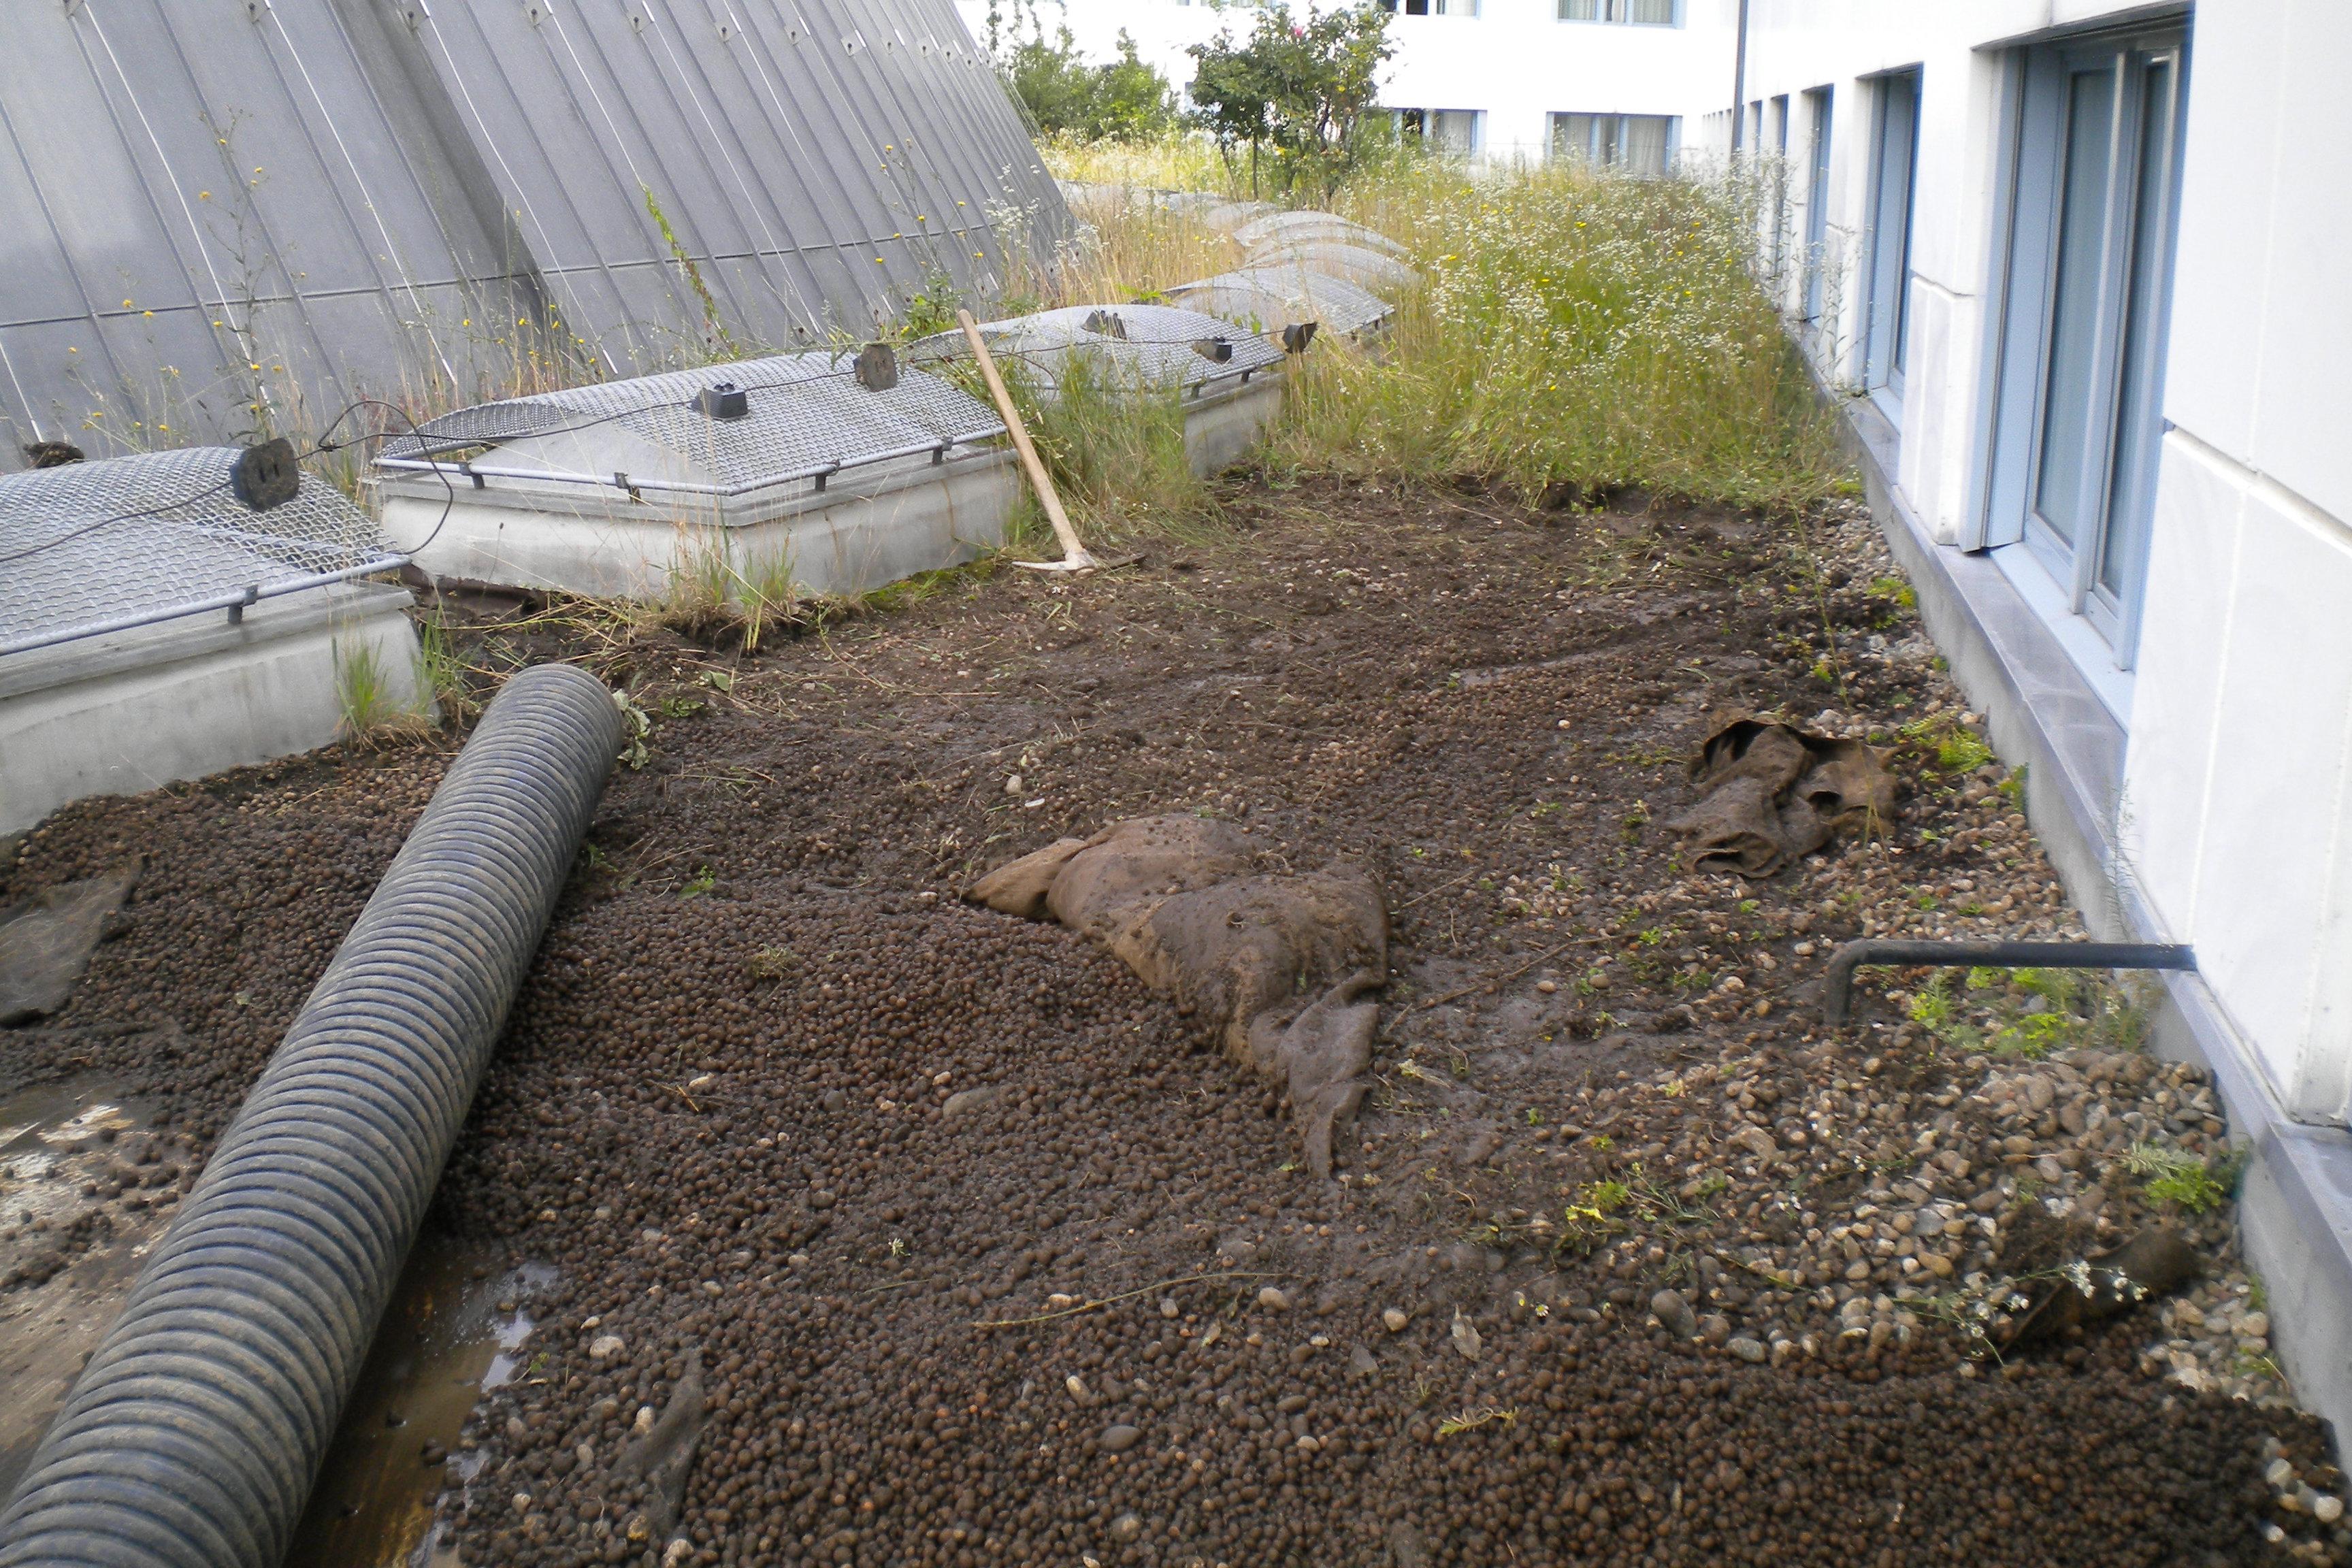 Saugbagger-Arbeiten auf dem Dach